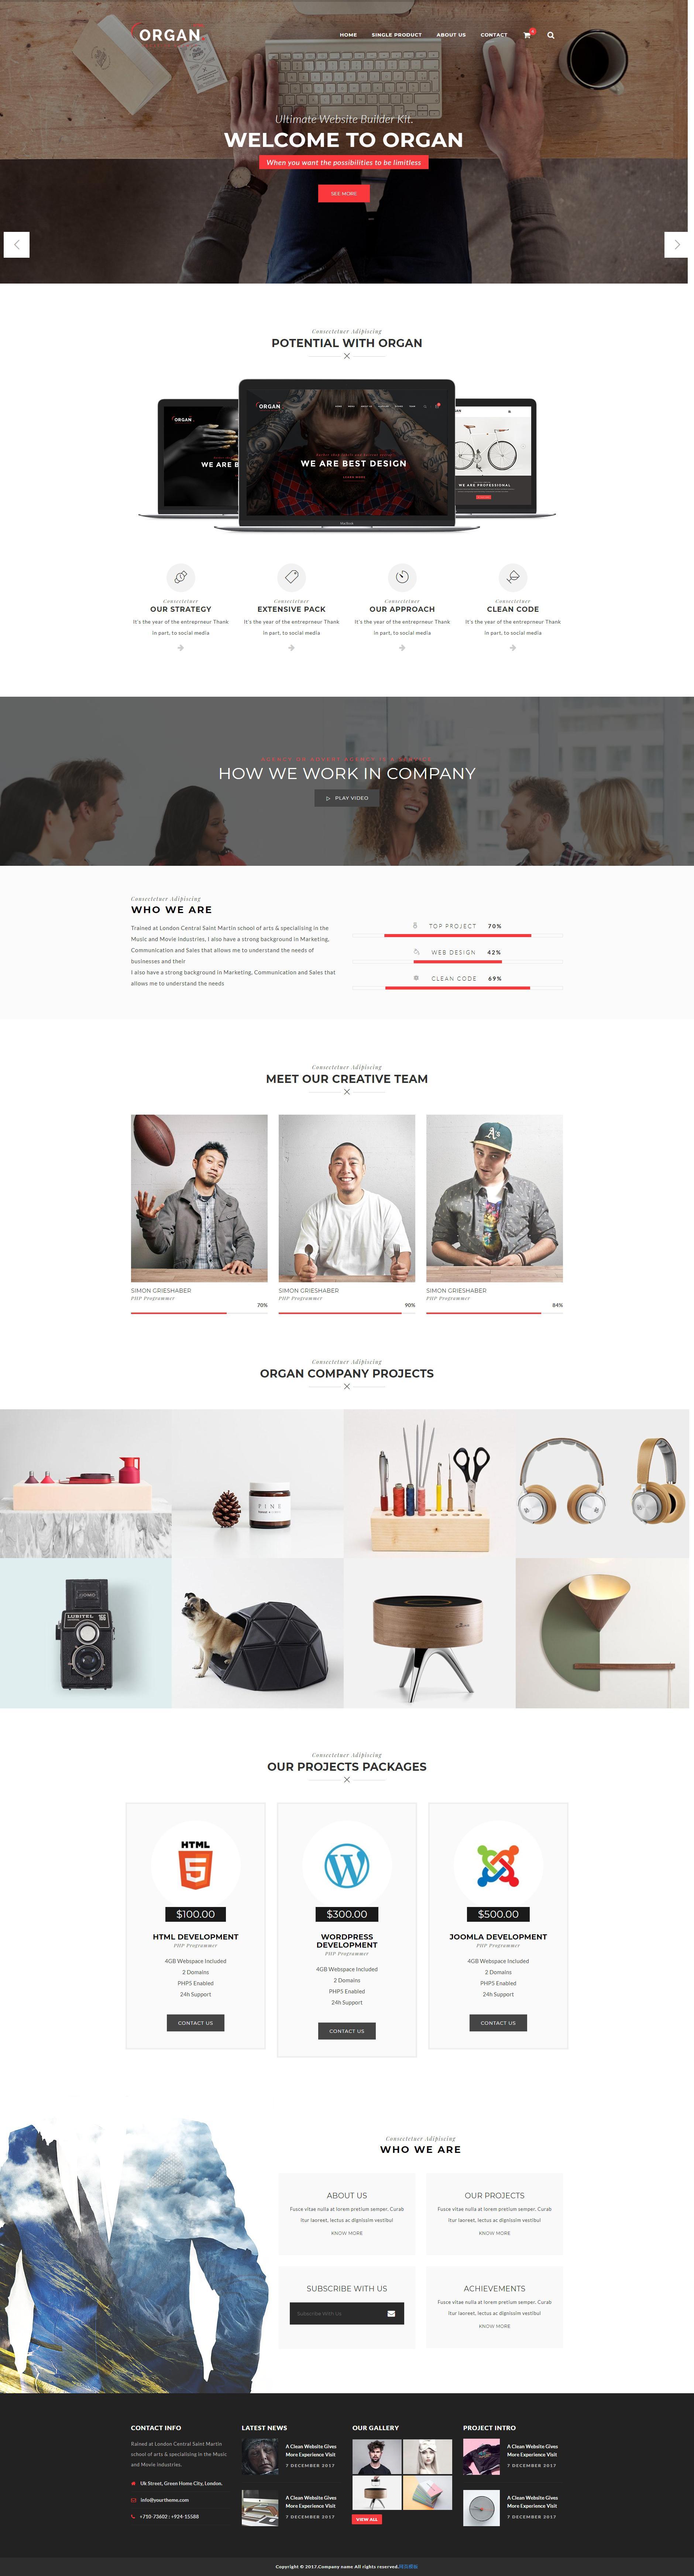 创意的生活家居设计公司网页html模板